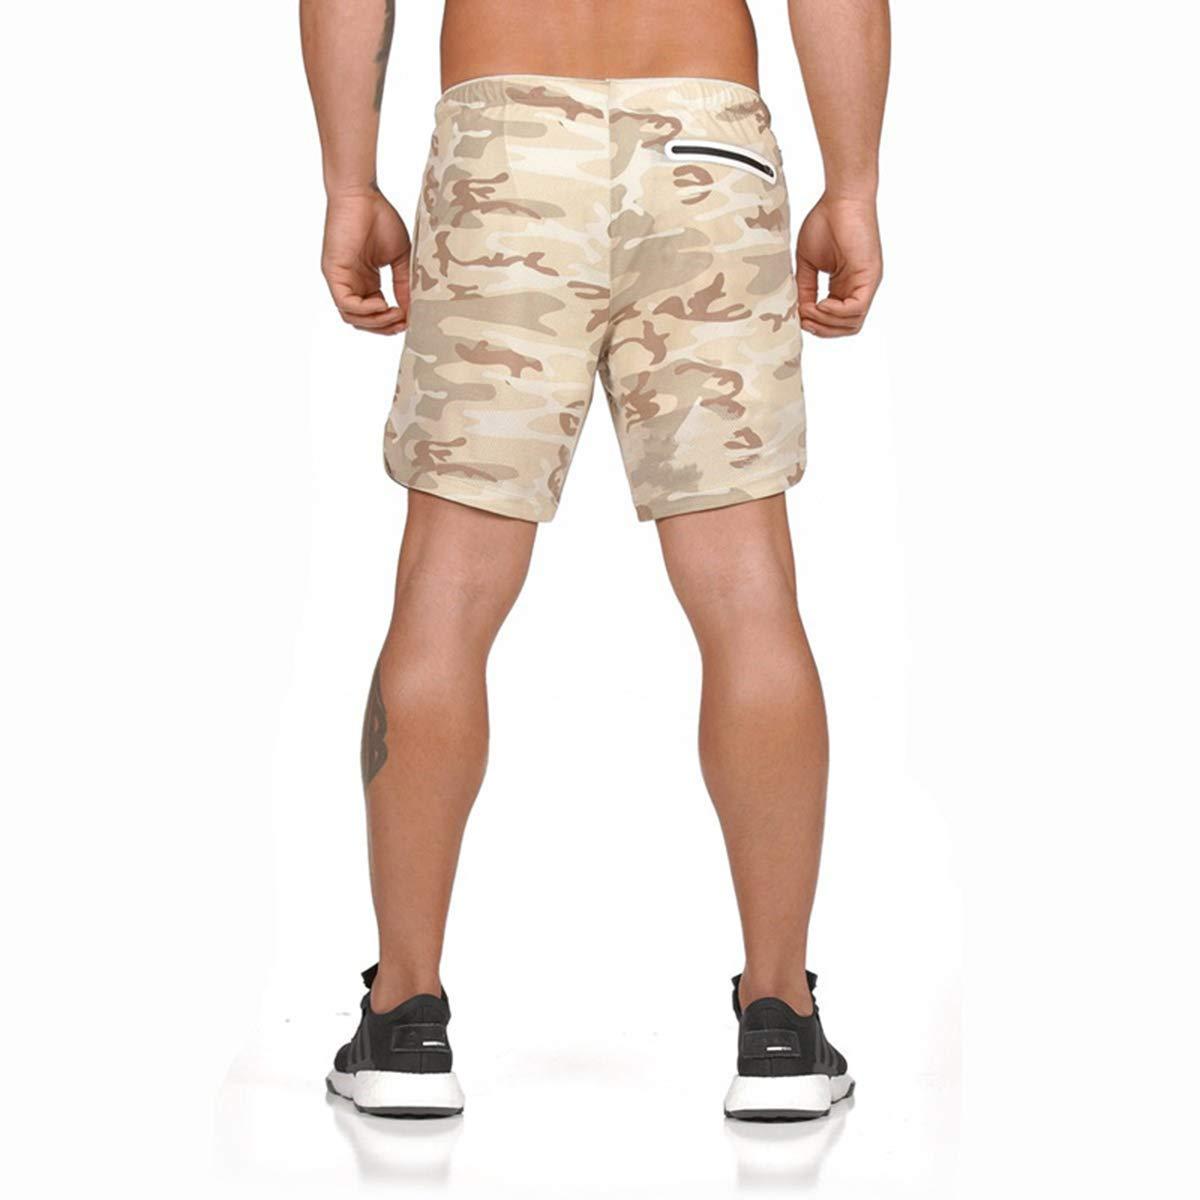 Pantalones Cortos de Deporte para Hombre de Secado r/ápido Correr y Entrenamiento Fitness para Correr Yidarton para Verano con Bolsillos